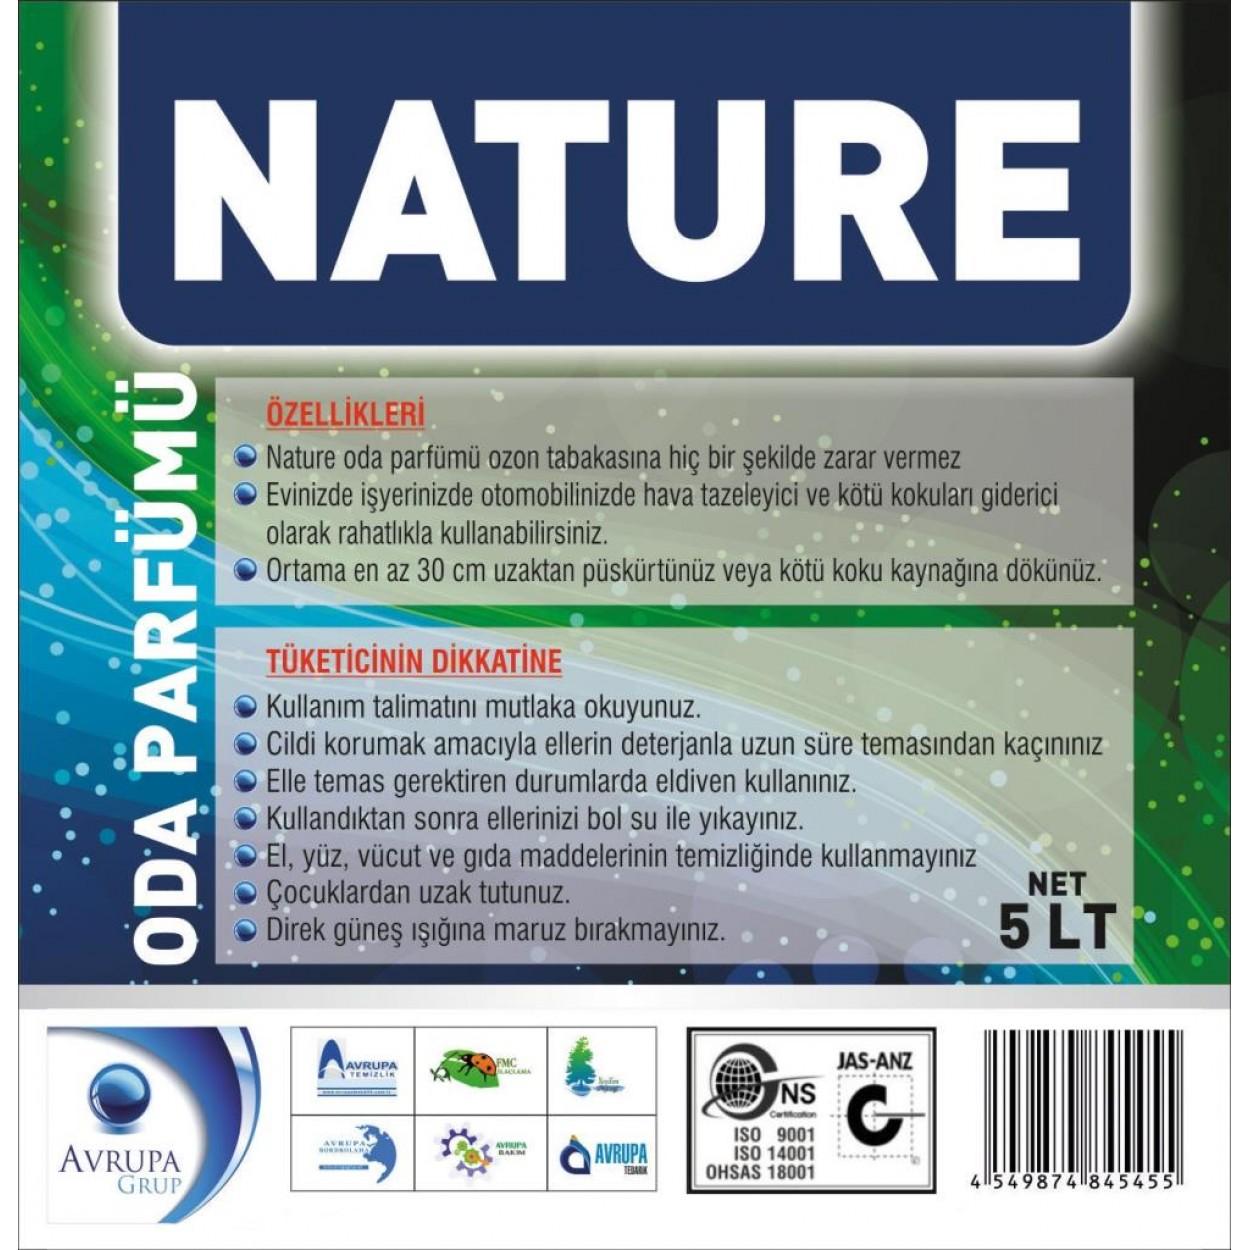 NATURE Kötü Kokuları Gideren Hava Şartlandırıcı 5 Litre